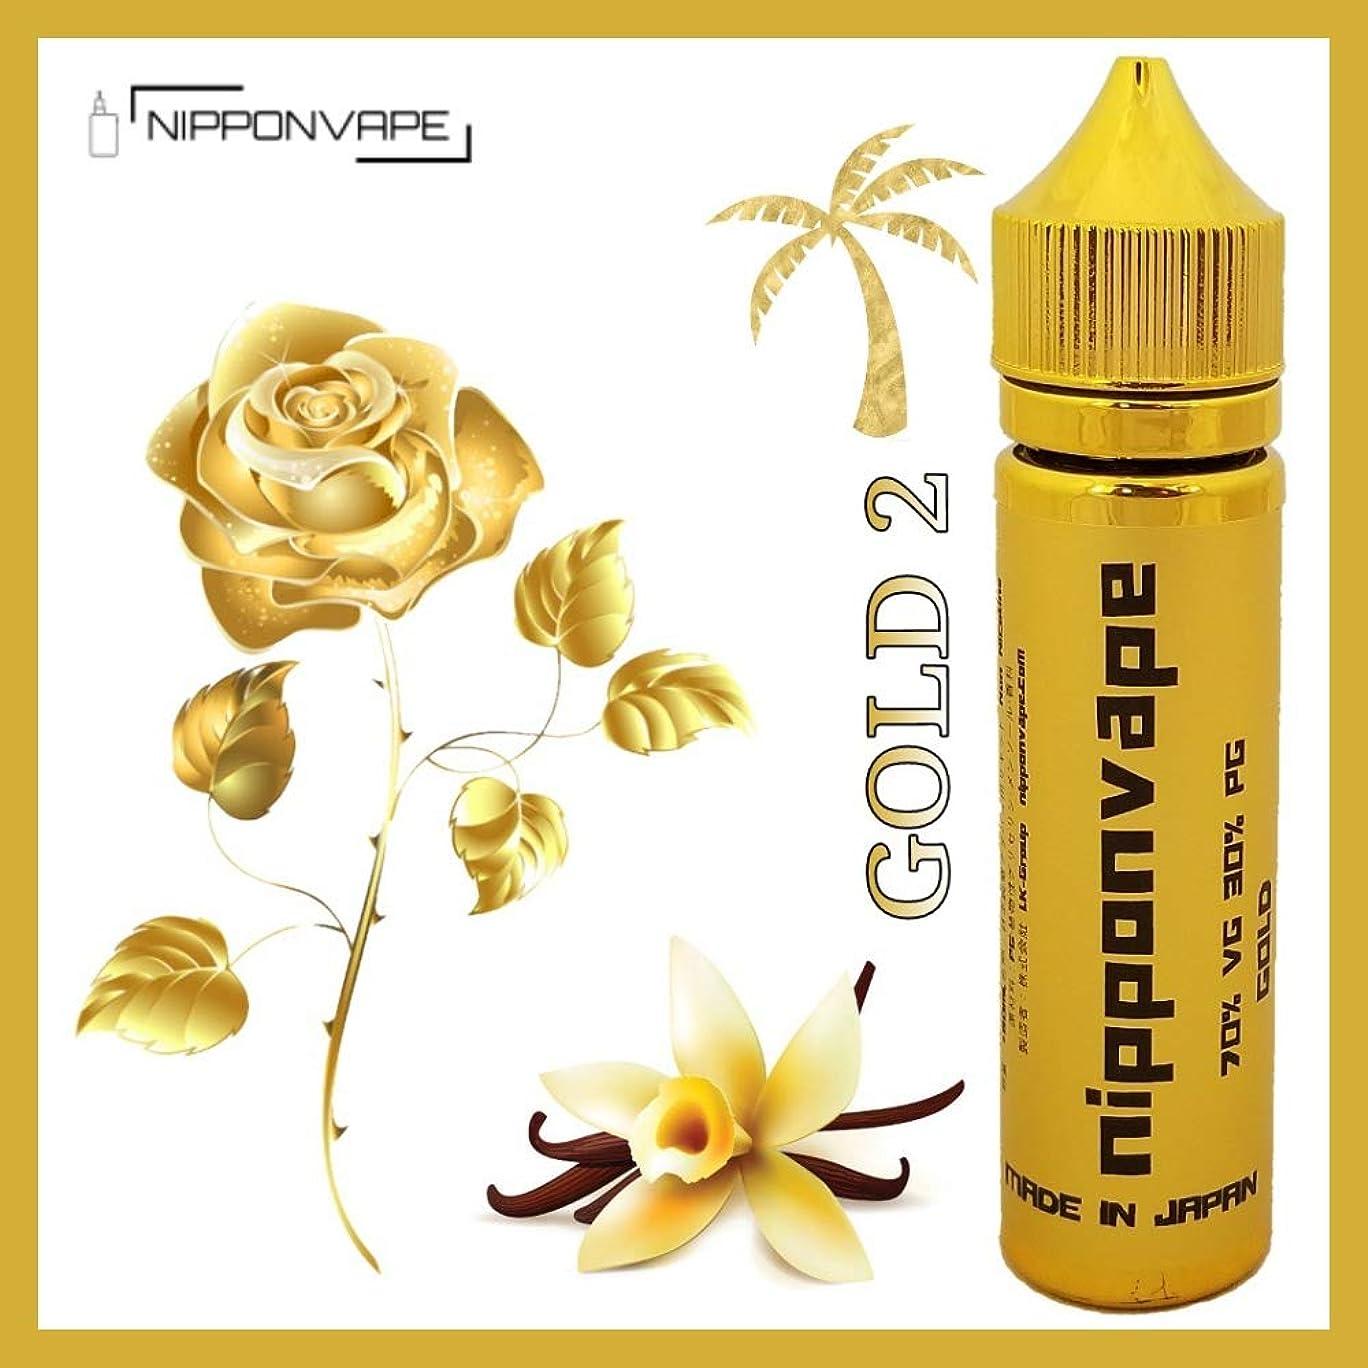 マッサージ邪悪な販売計画60ML 電子タバコ リキッド プレミアム ゴールド シリーズ バニラ ローズ NIPPONVAPE GOLD 2